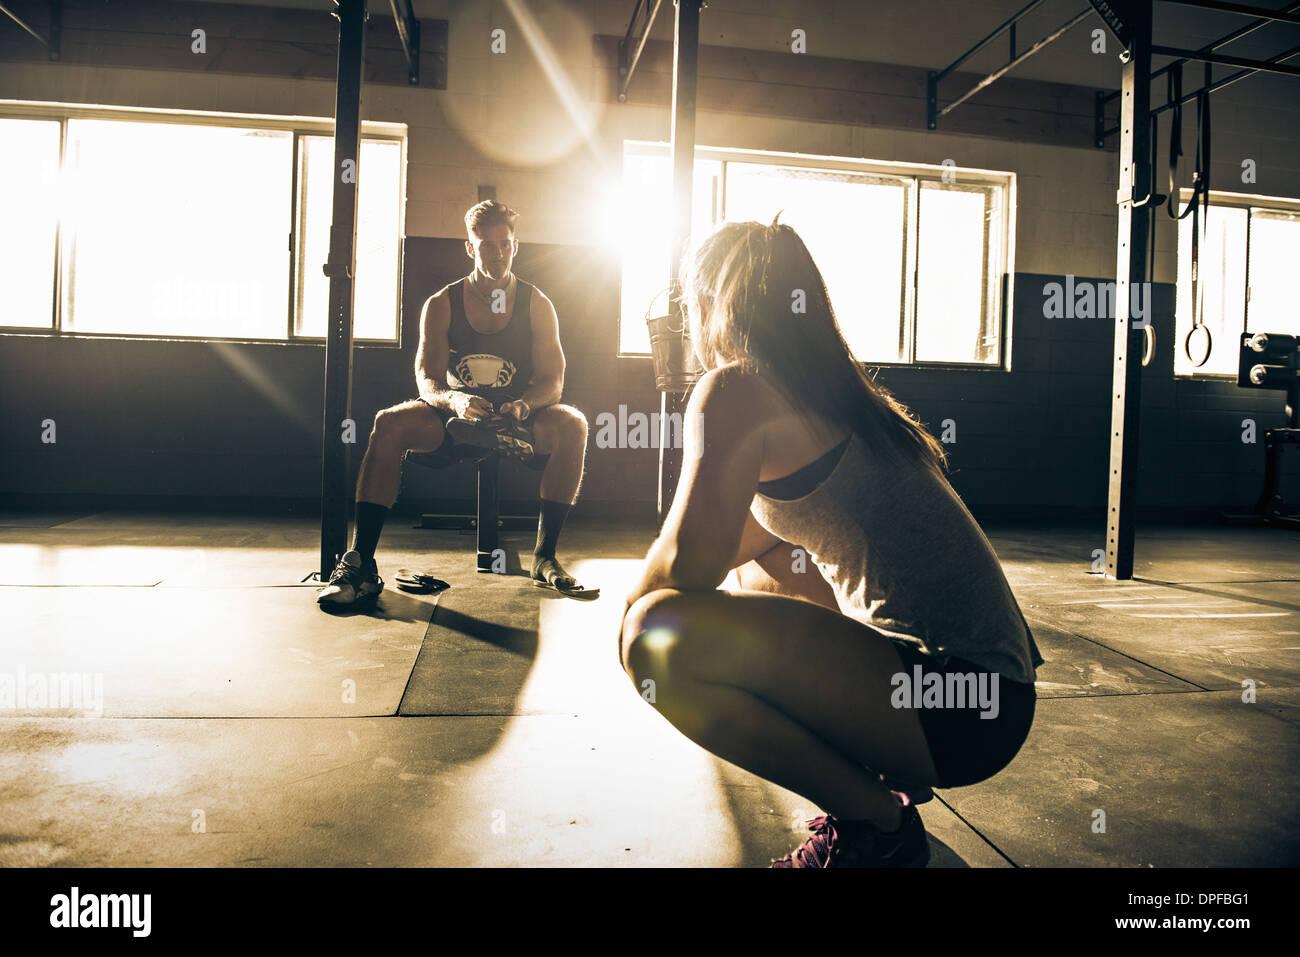 Formateur femelle mâle mentorat client dans un gymnase Photo Stock